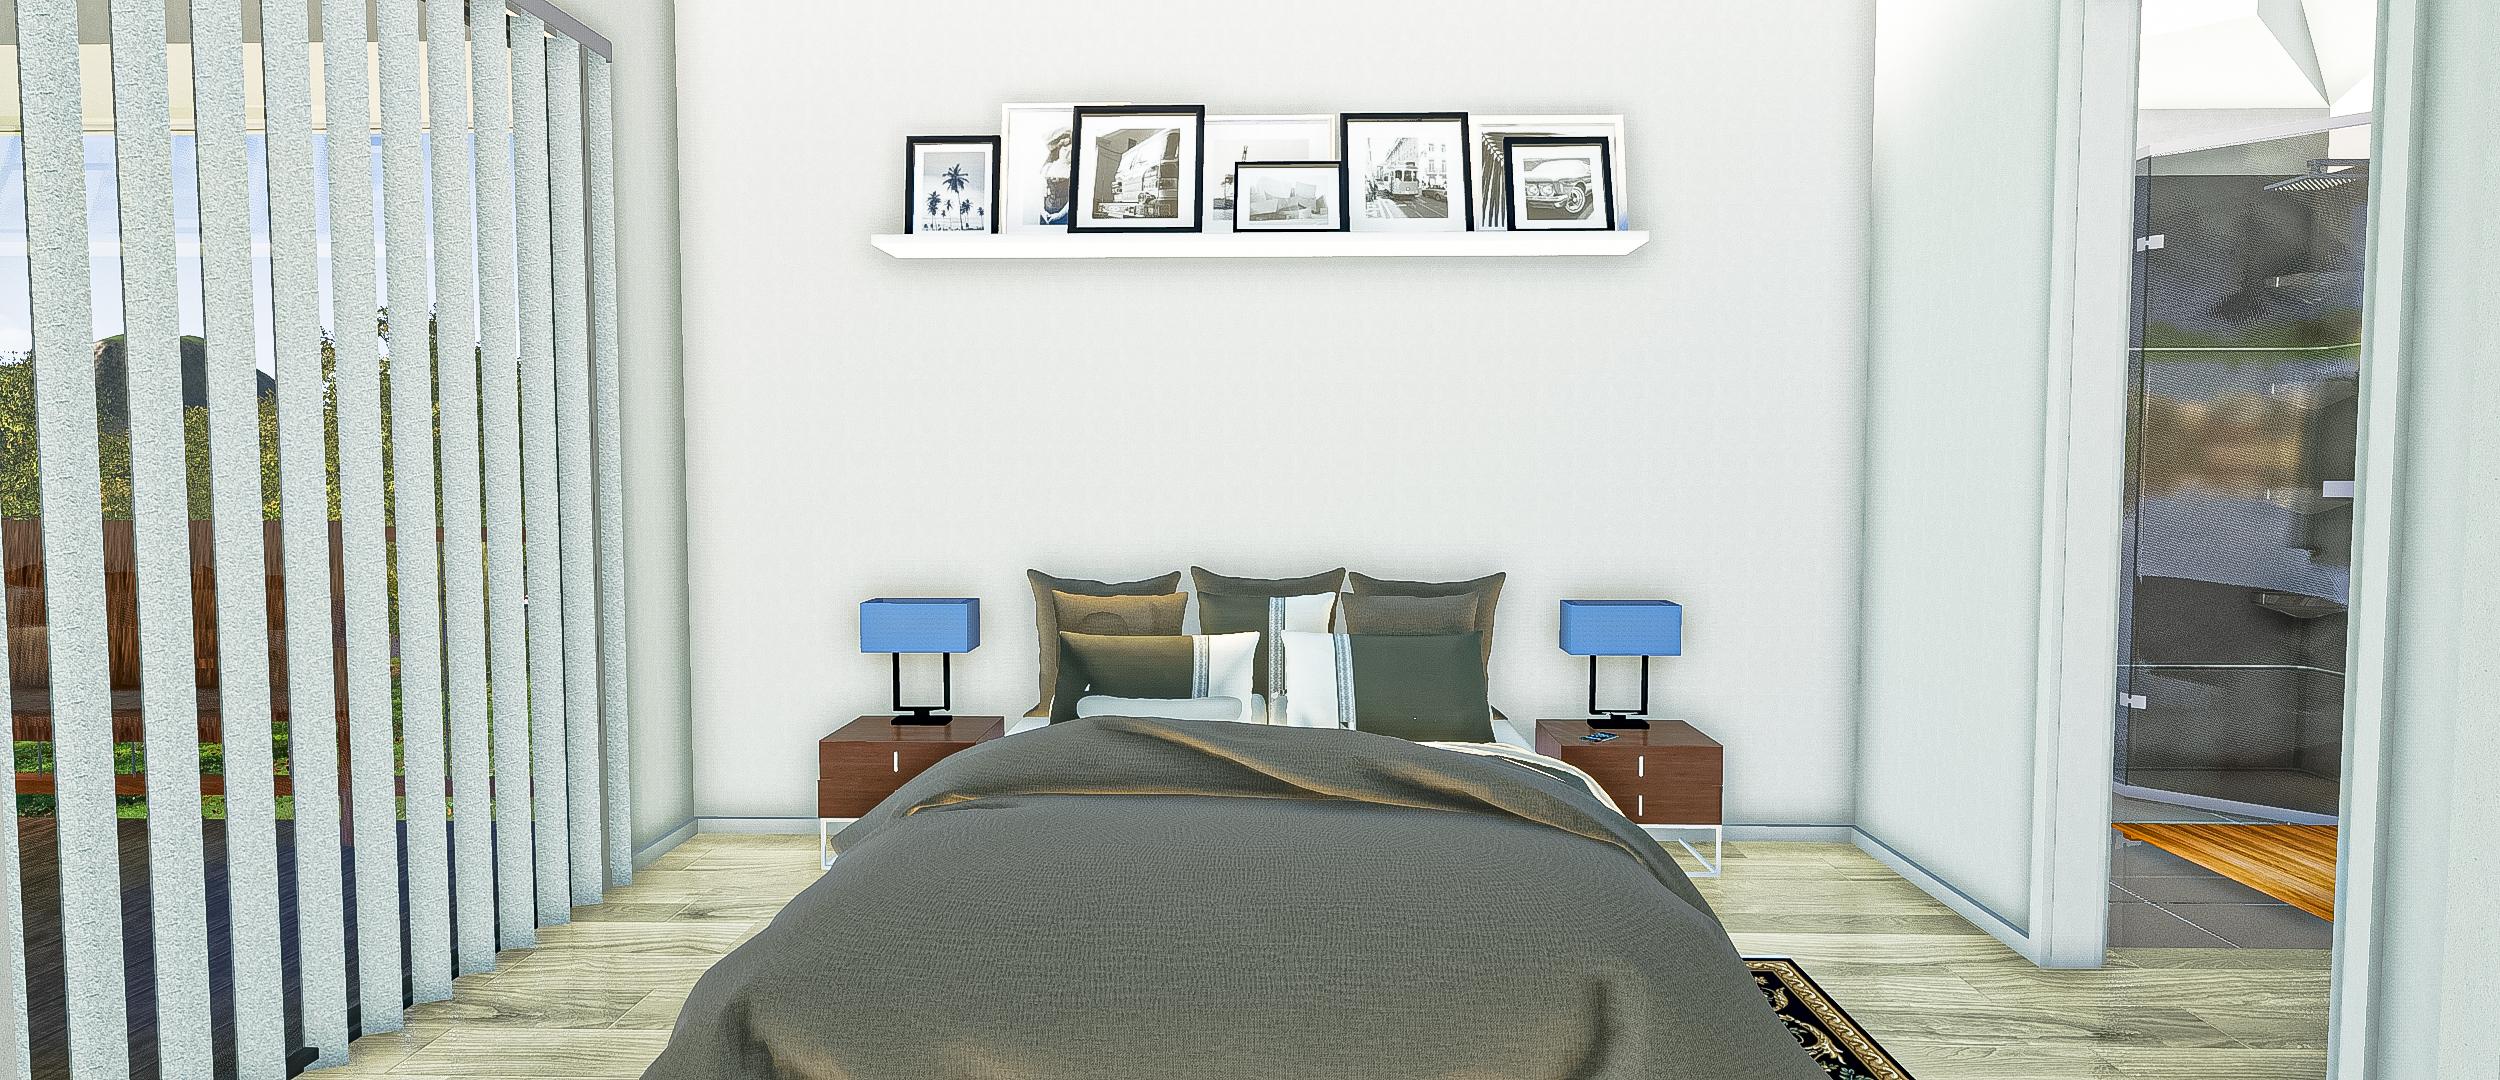 GF 9 Bed 1